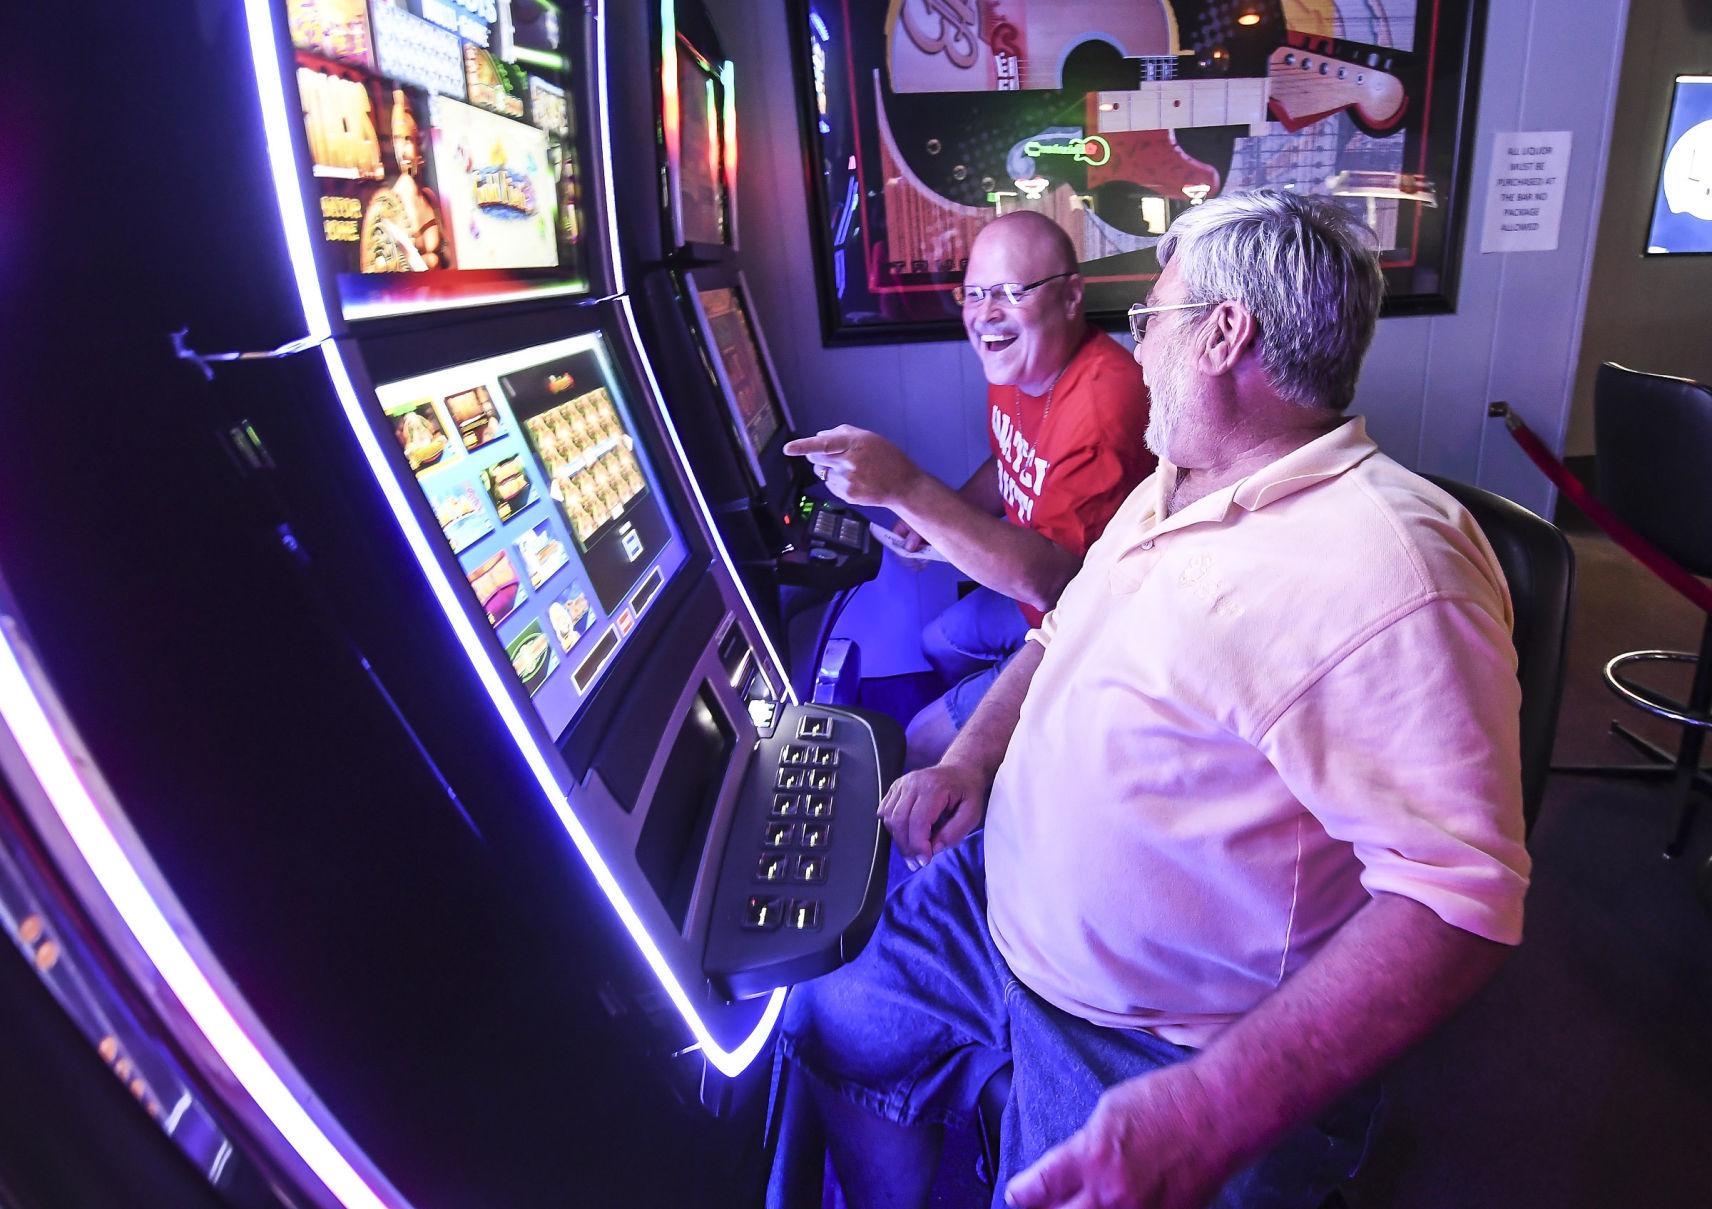 Illini video arcade